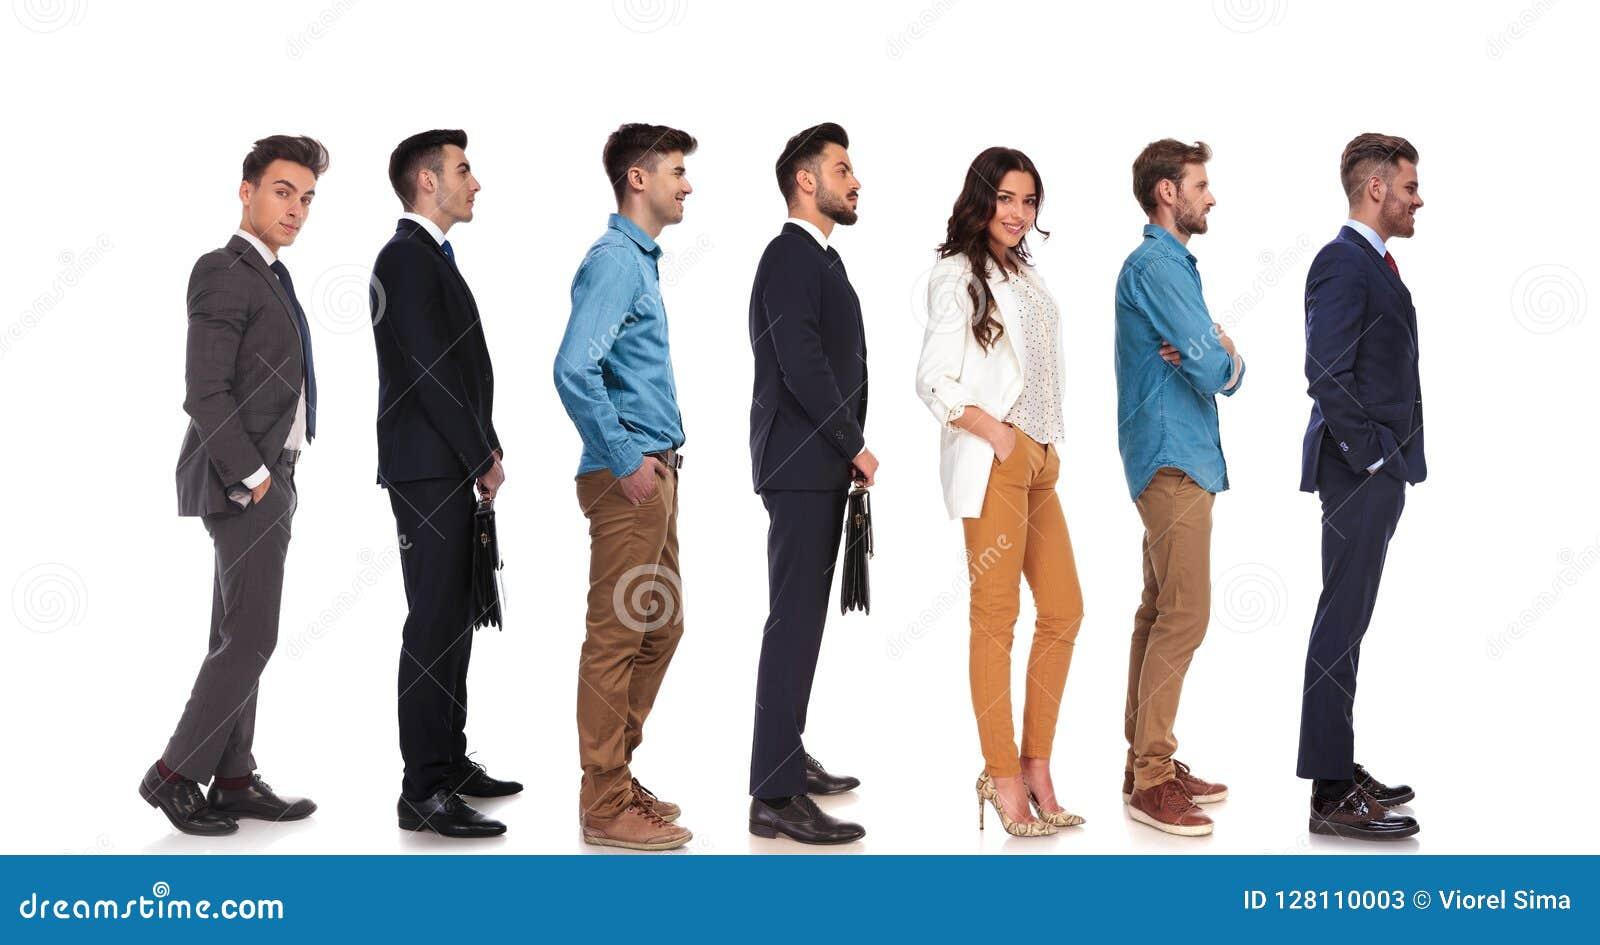 Vista lateral de siete diversas personas que se colocan en línea